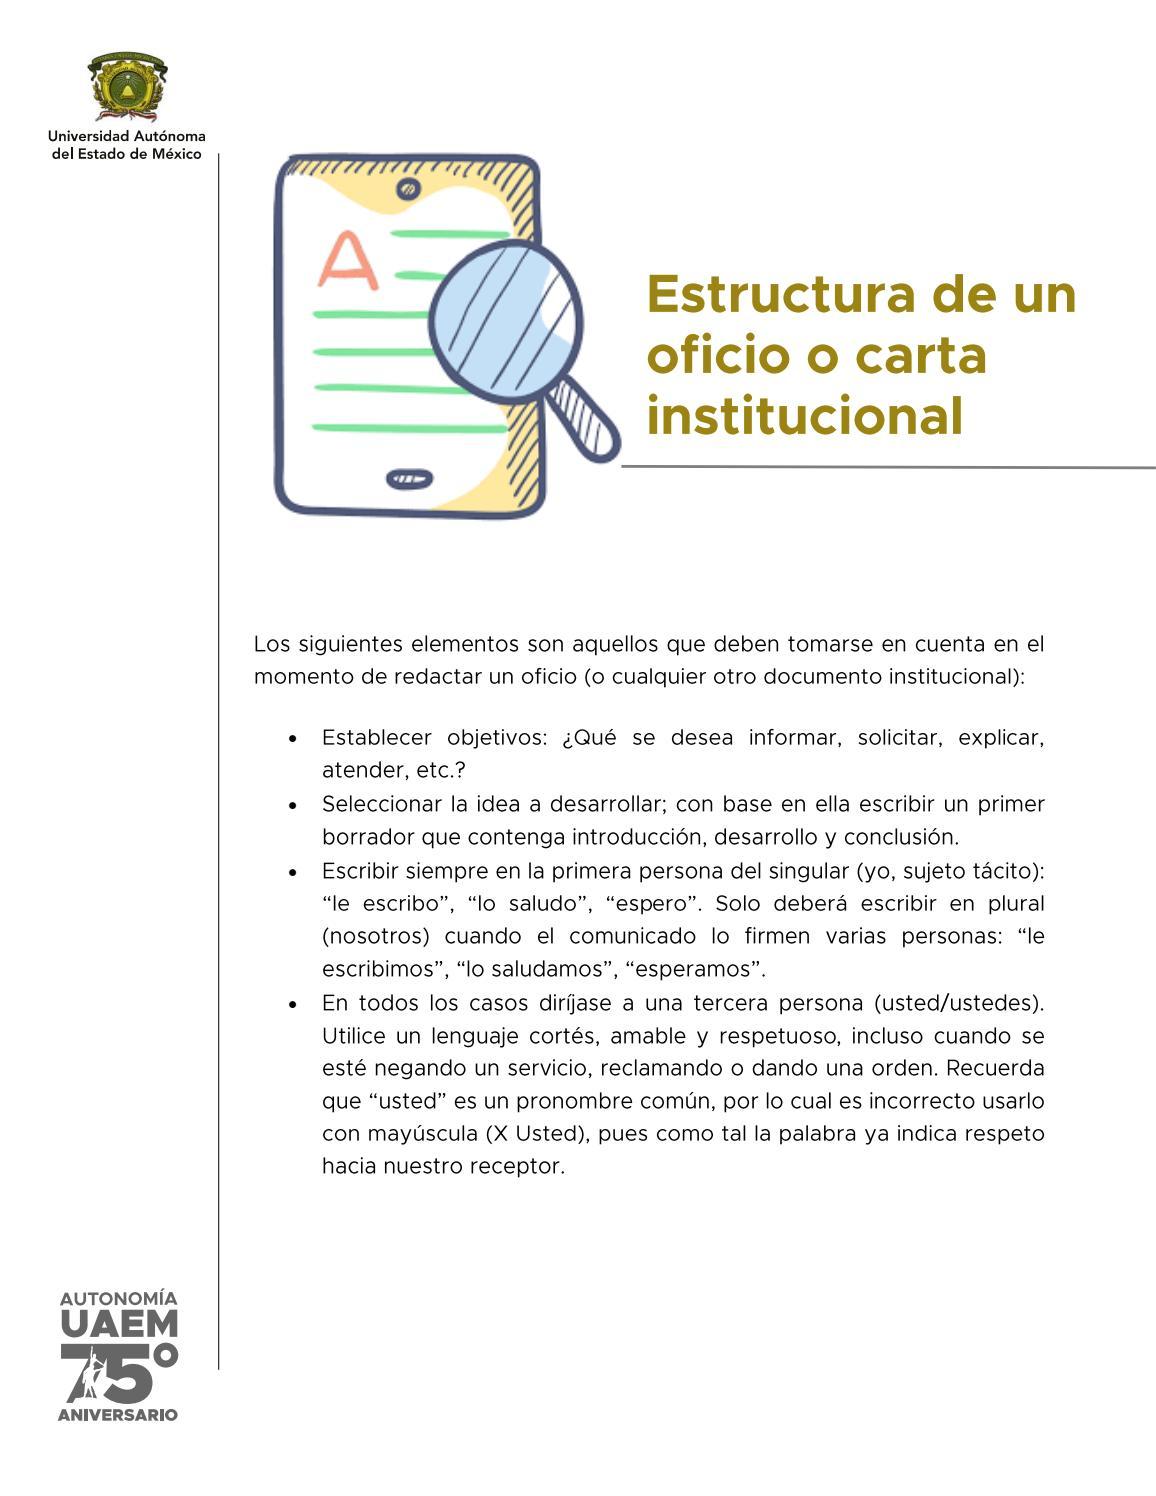 Estructura De Un Oficio O Carta Institucional By Adri Issuu